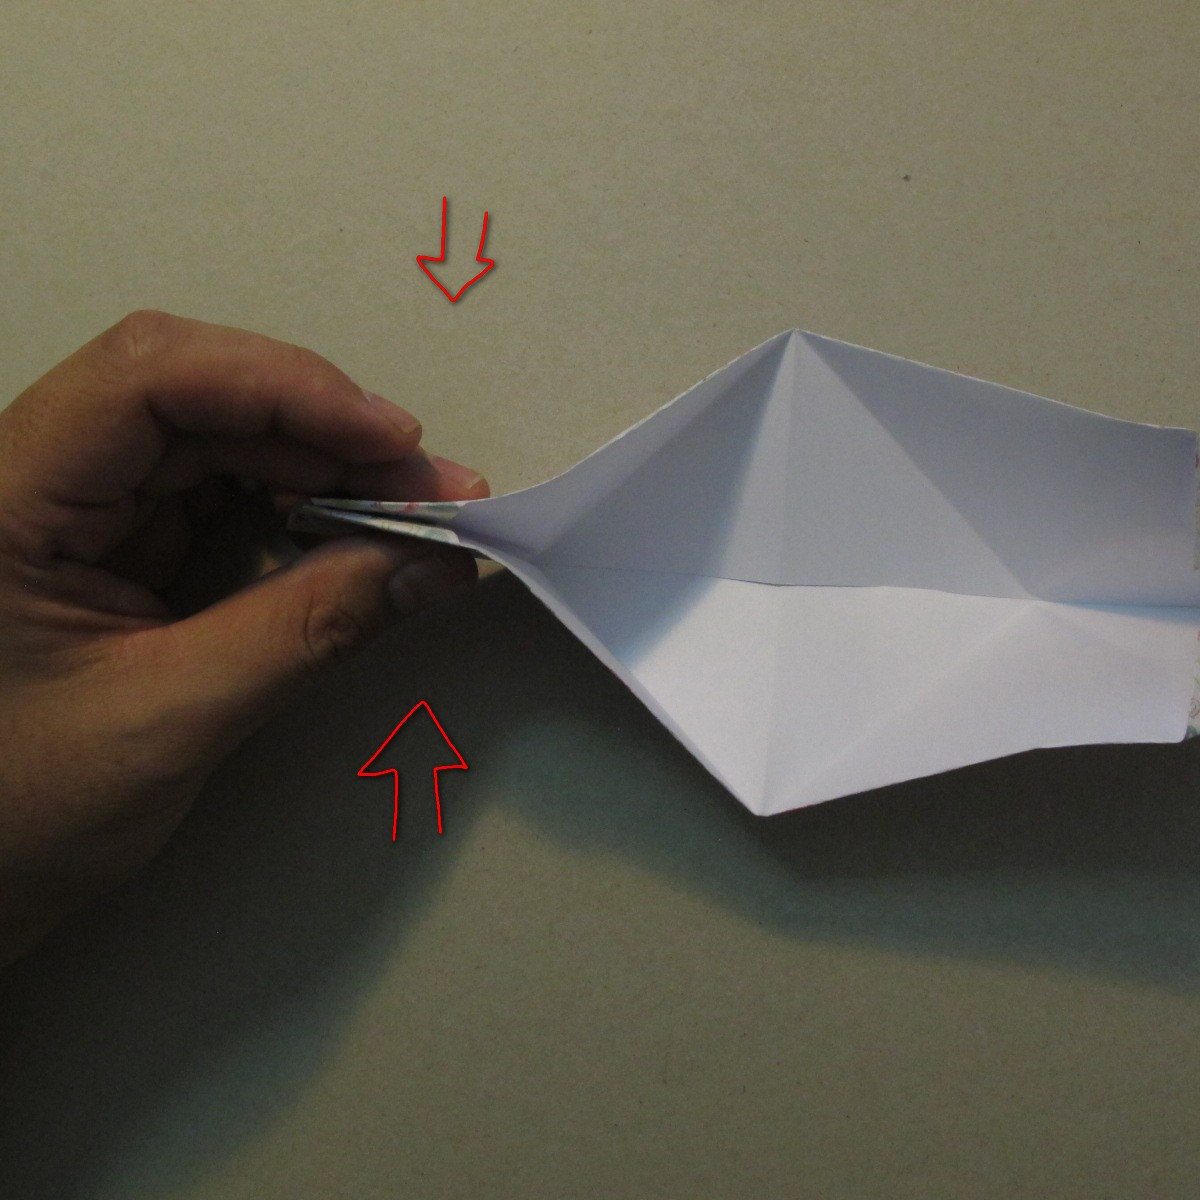 วิธีการพับกระดาษเป็นรูปหัวใจ 010